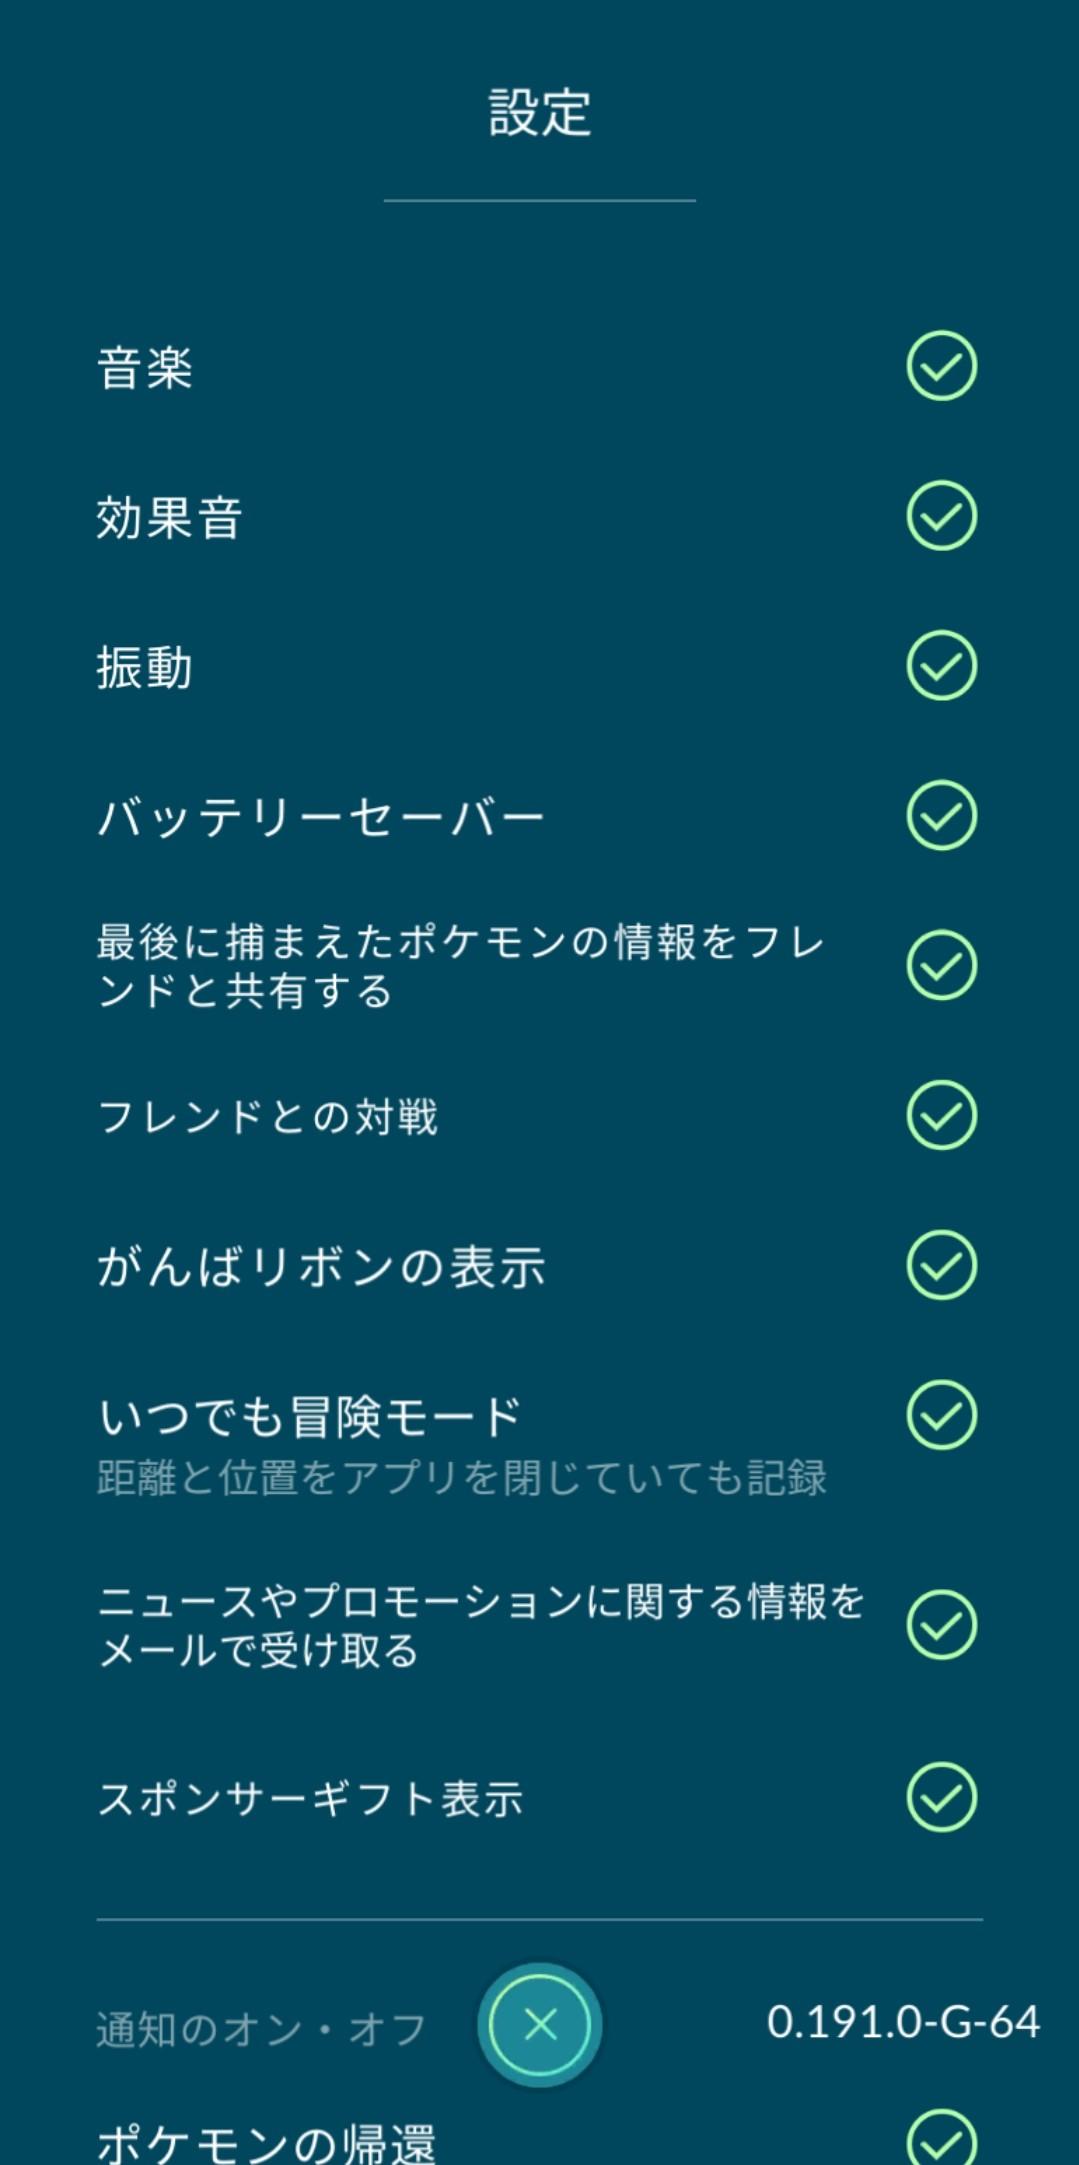 世界 ポケモン フレンド go